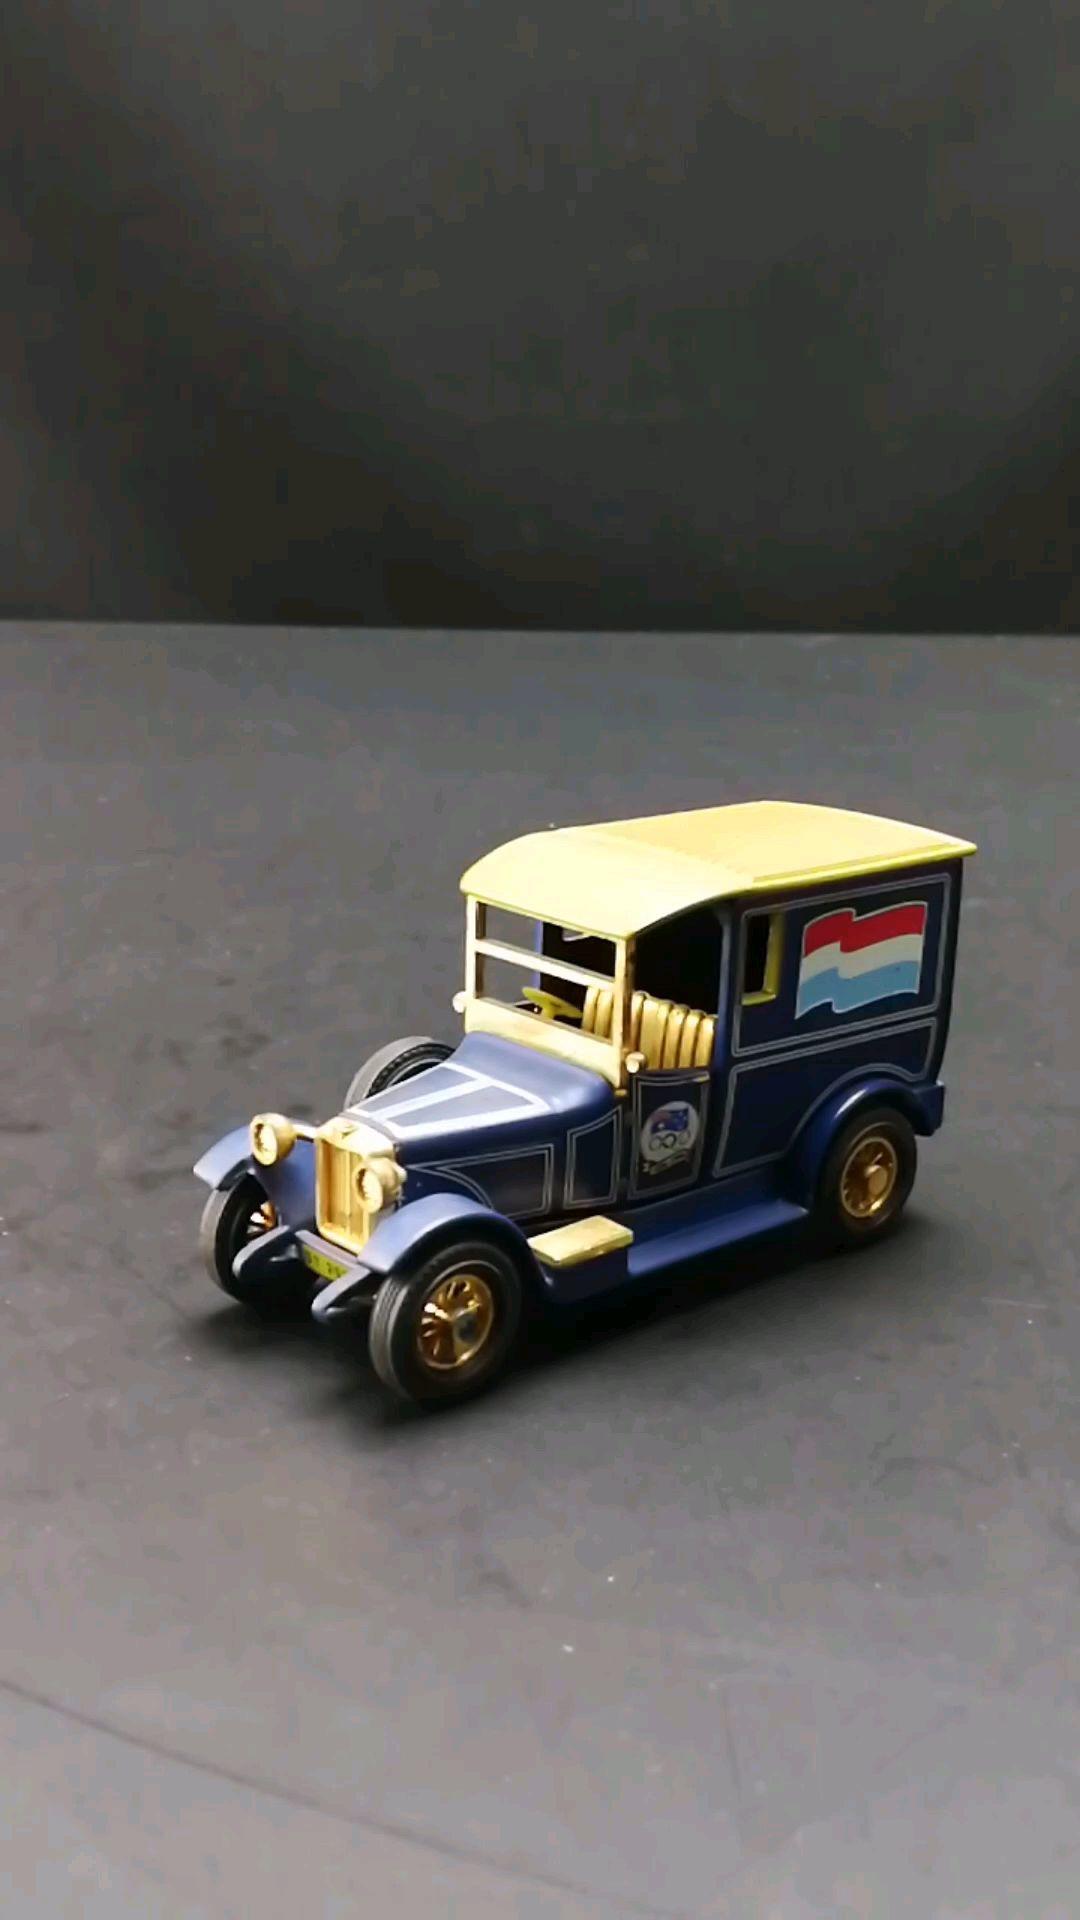 1927塔尔博特阿姆斯特丹小货车,1:43,东晓汽车模型收藏馆藏品。